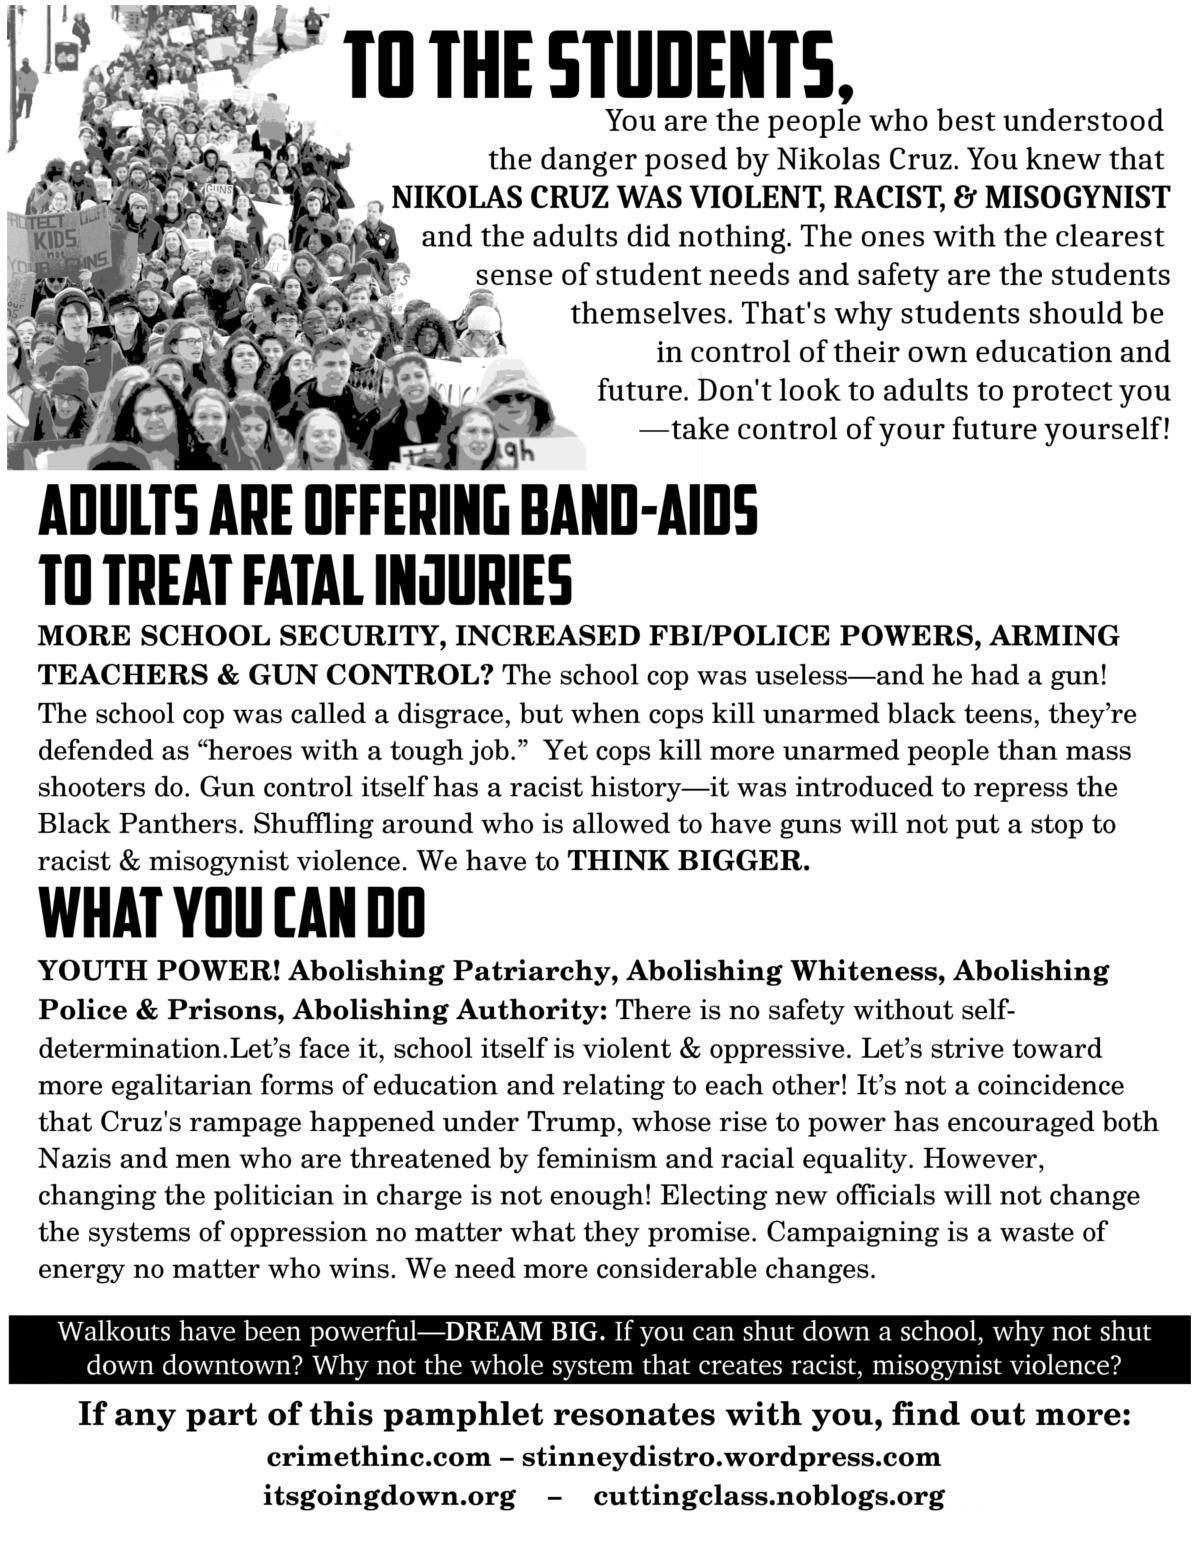 handbill1.png